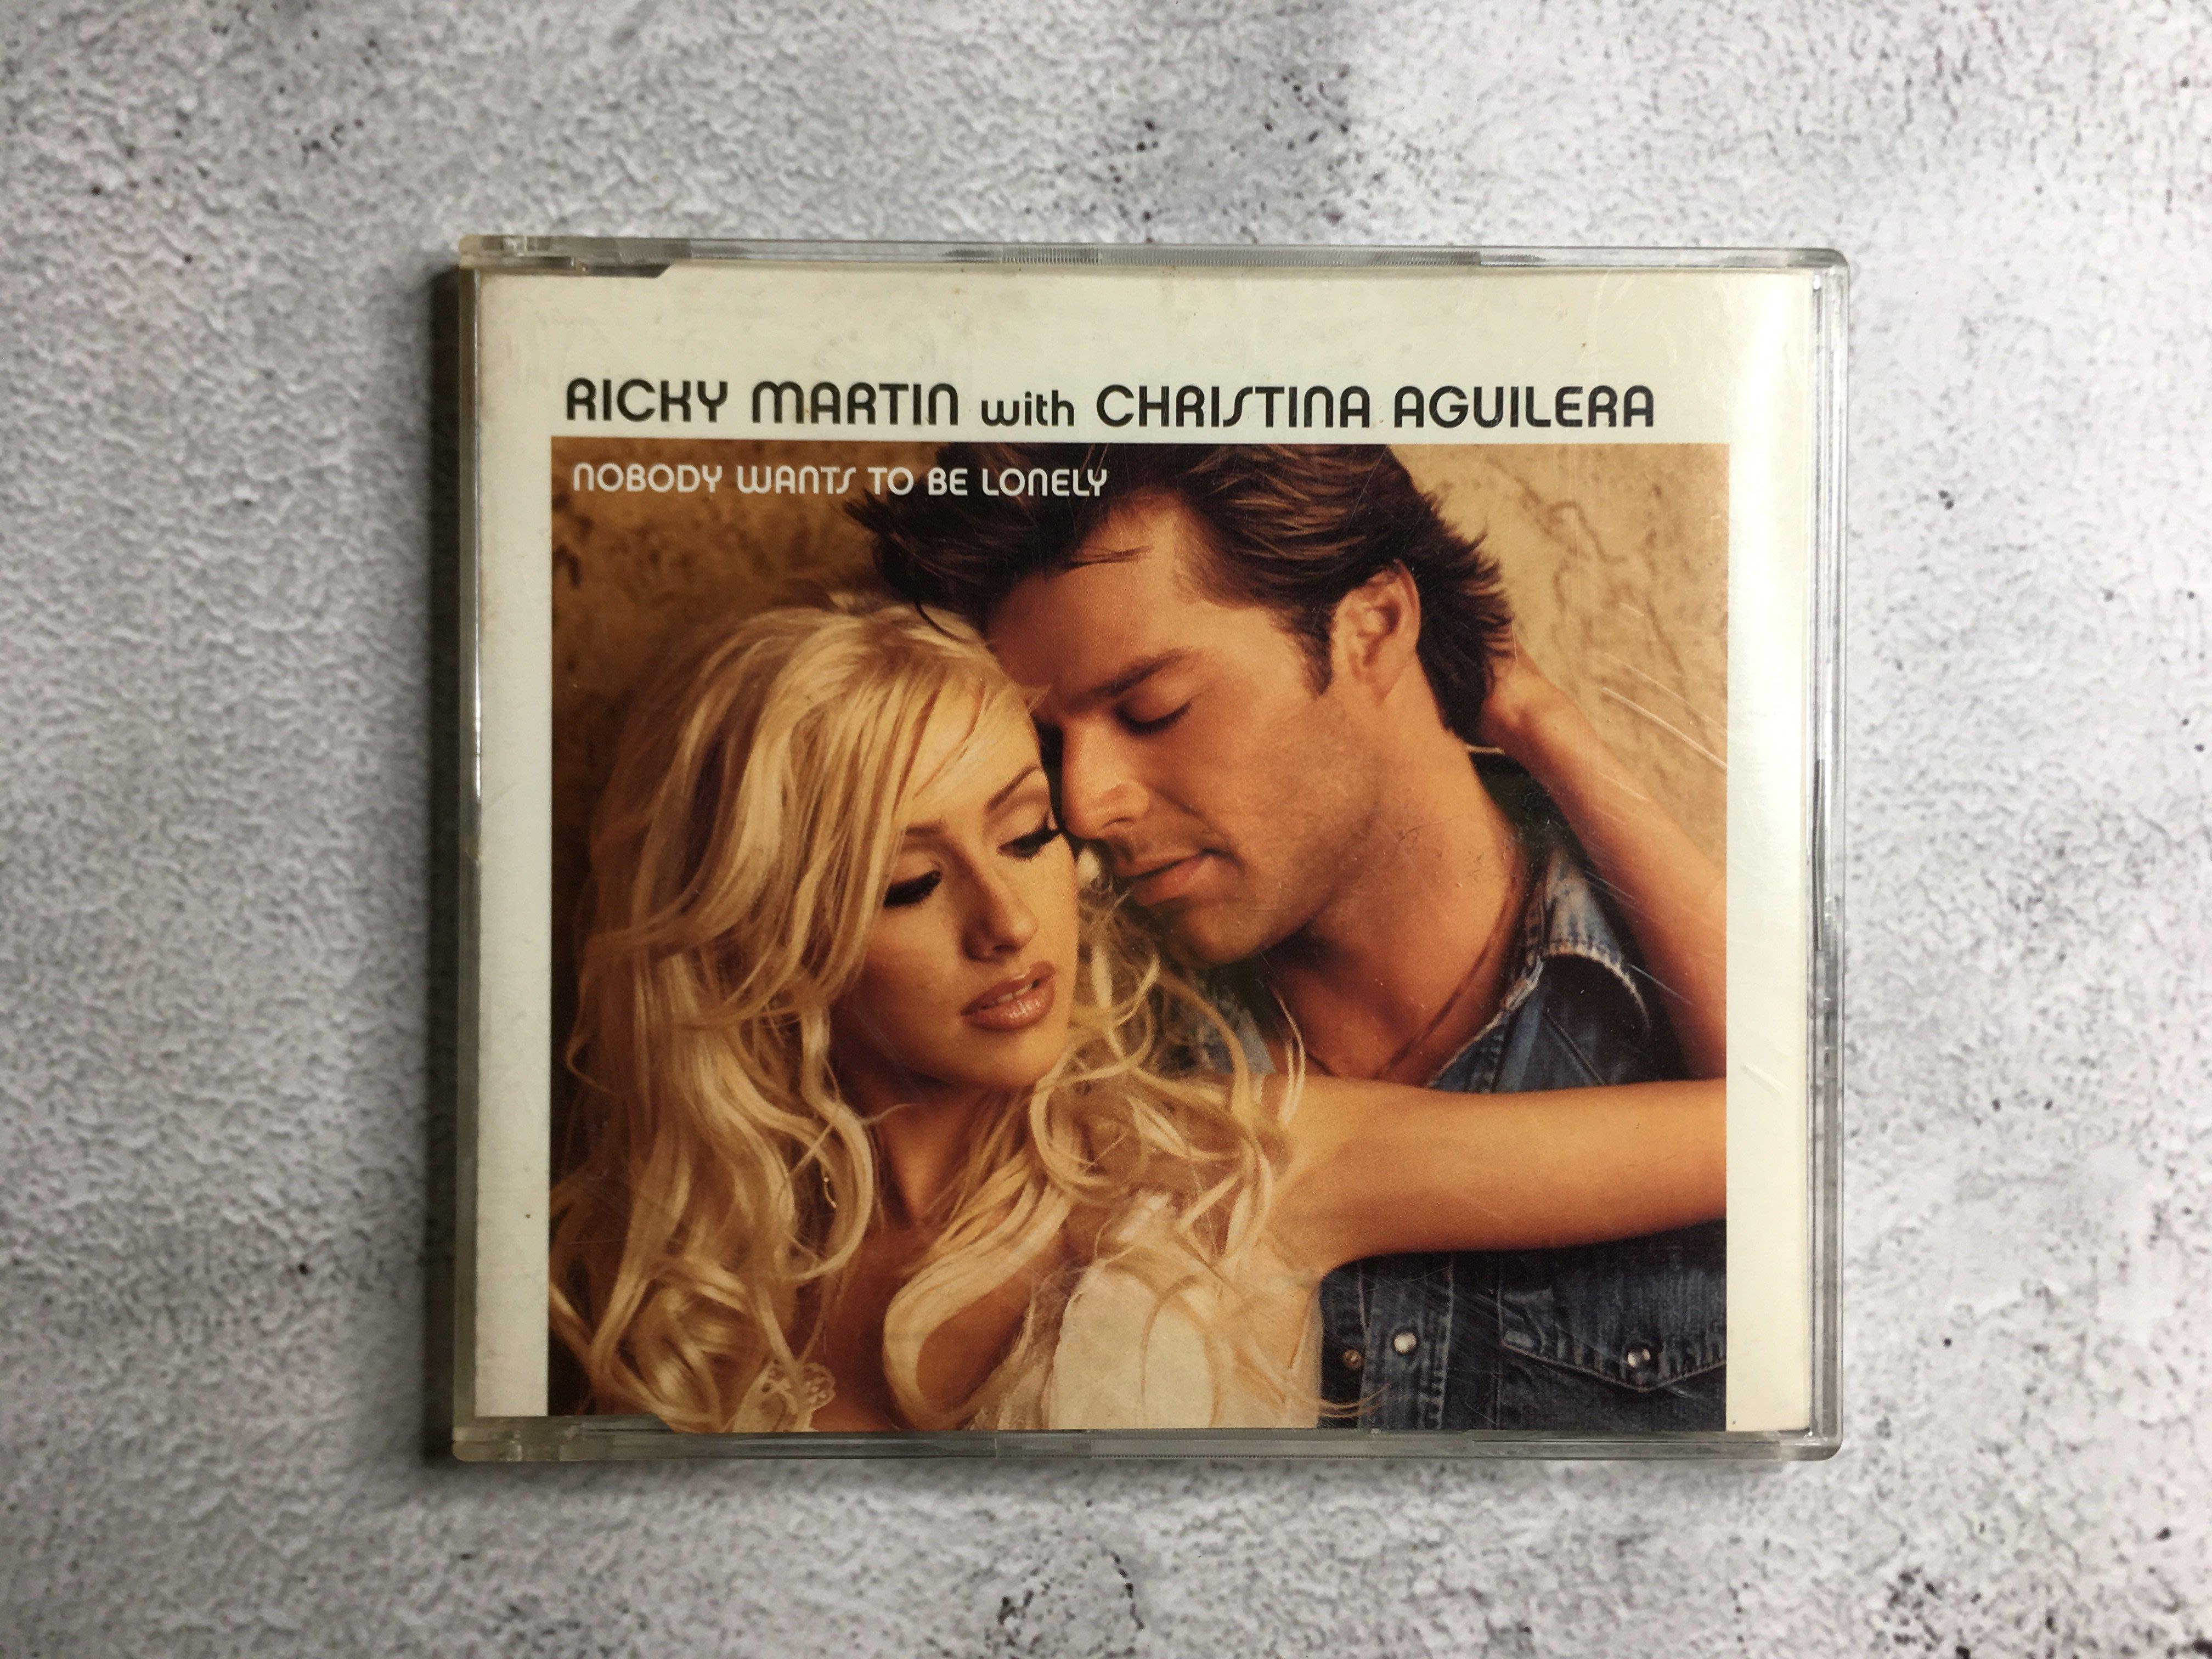 【二手CD】 克莉絲汀+ 瑞奇馬汀 - Nobody wants to be lonely